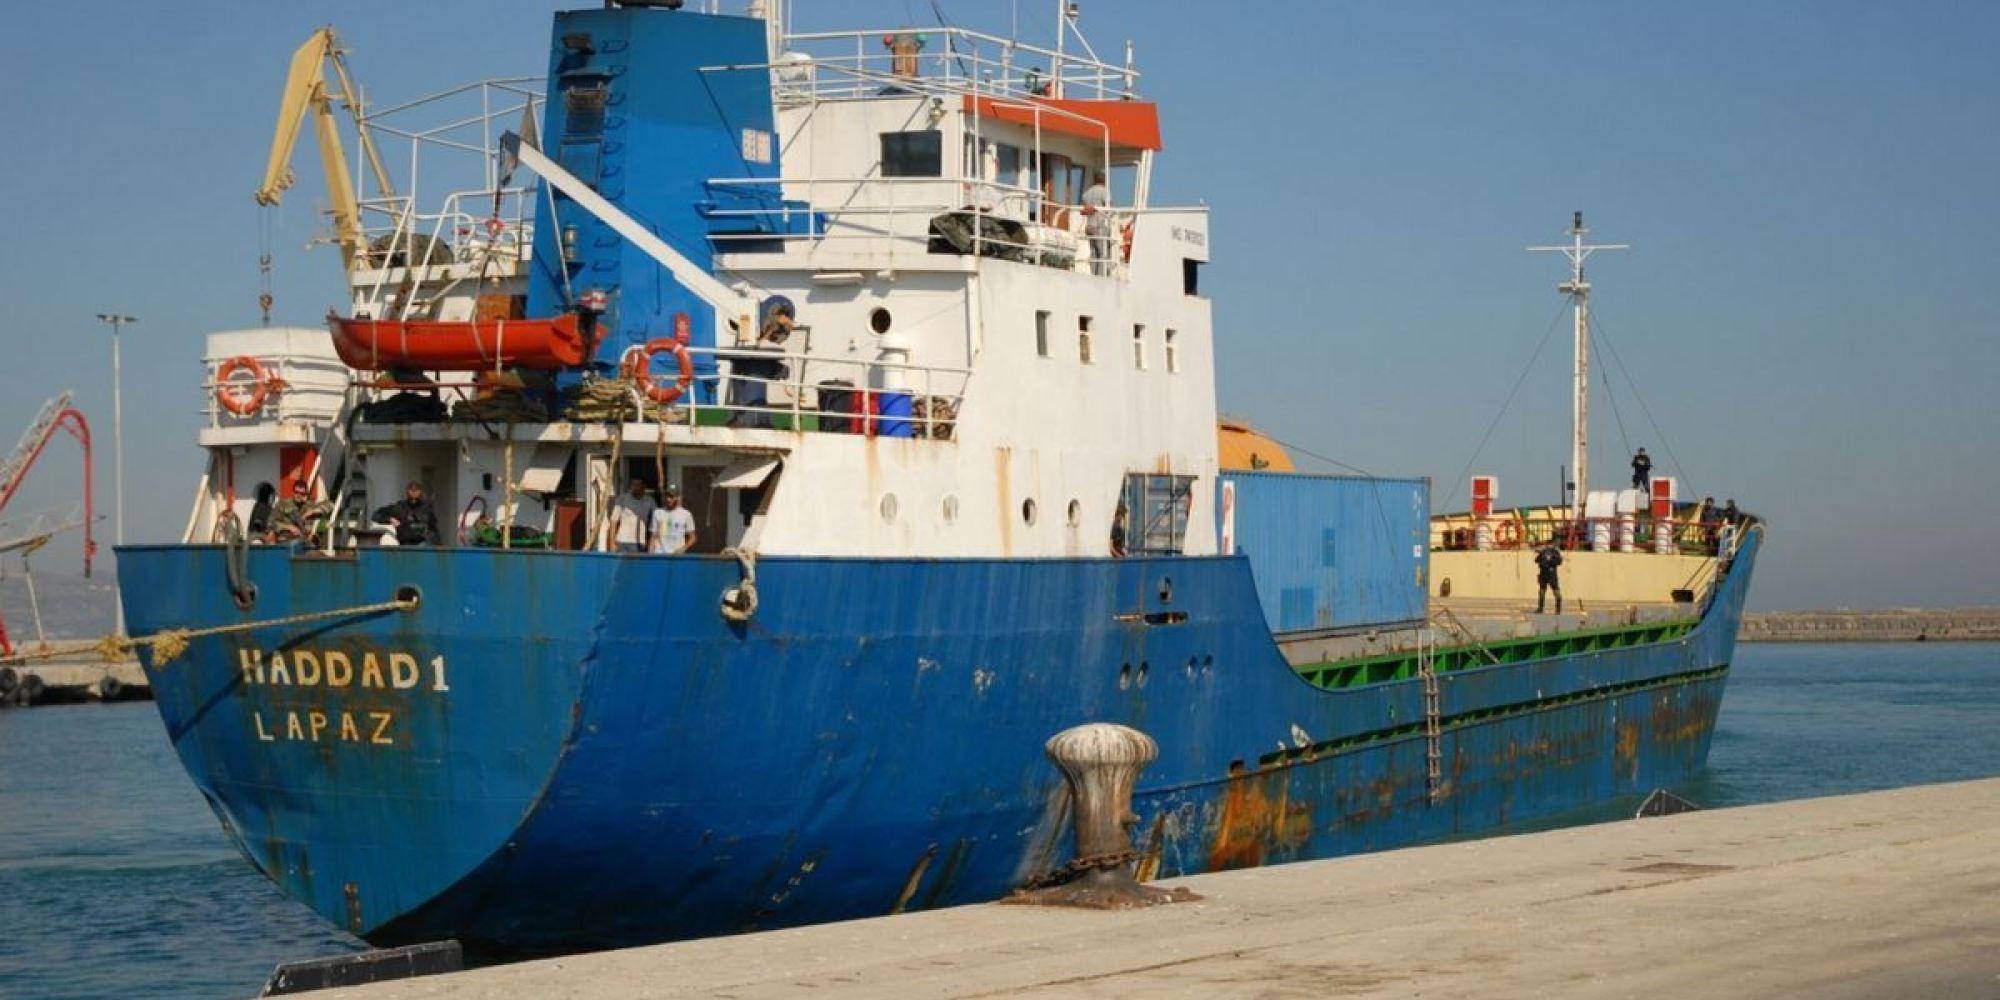 Έρευνες για το «Haddad 1»: «Σαρώνουν» τις επικοινωνίες Σύρου καπετάνιου. Μυστικέ...